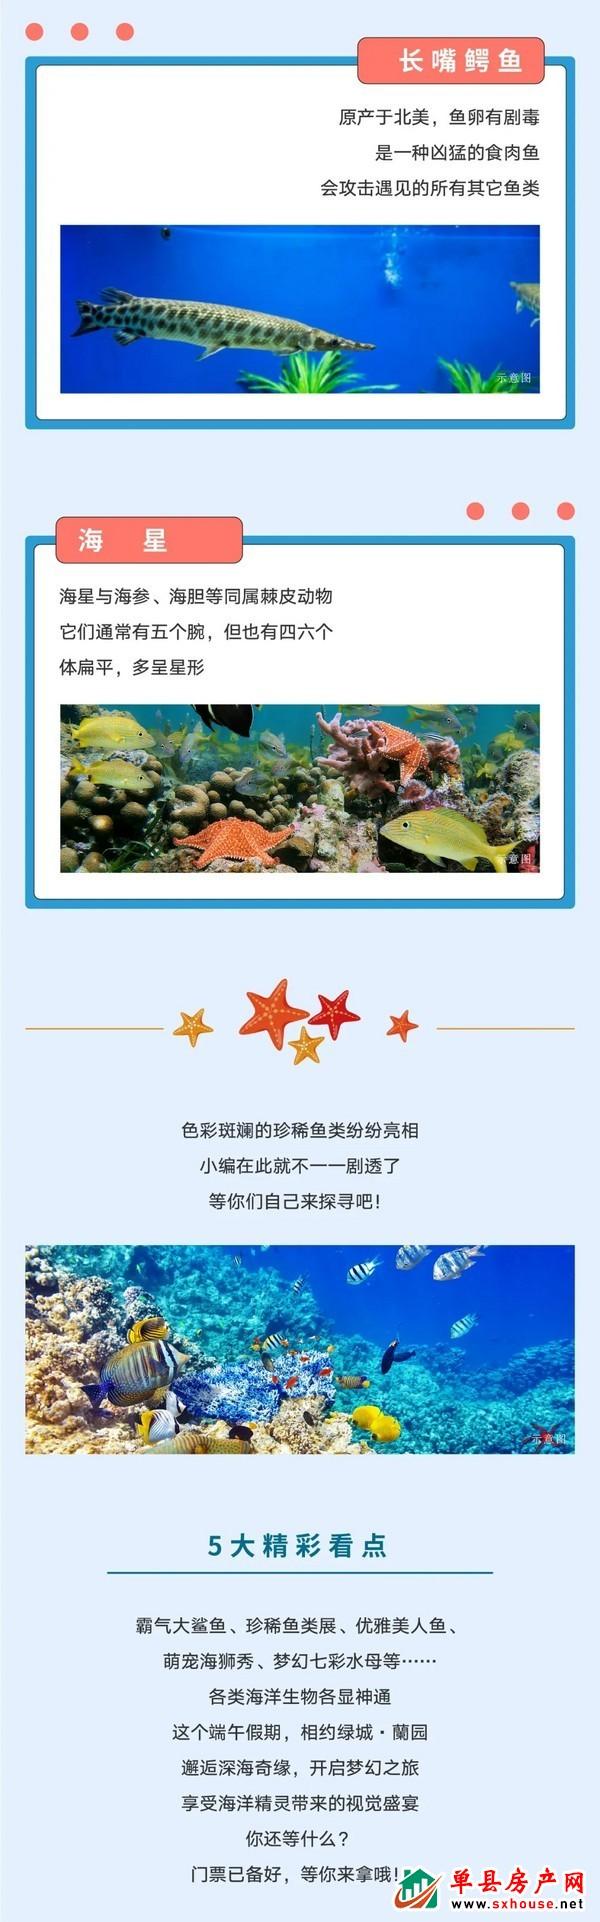 2020绿城蘭园海洋节 | 海洋霸主—大鲨鱼空降单县 神秘海鱼组团出没